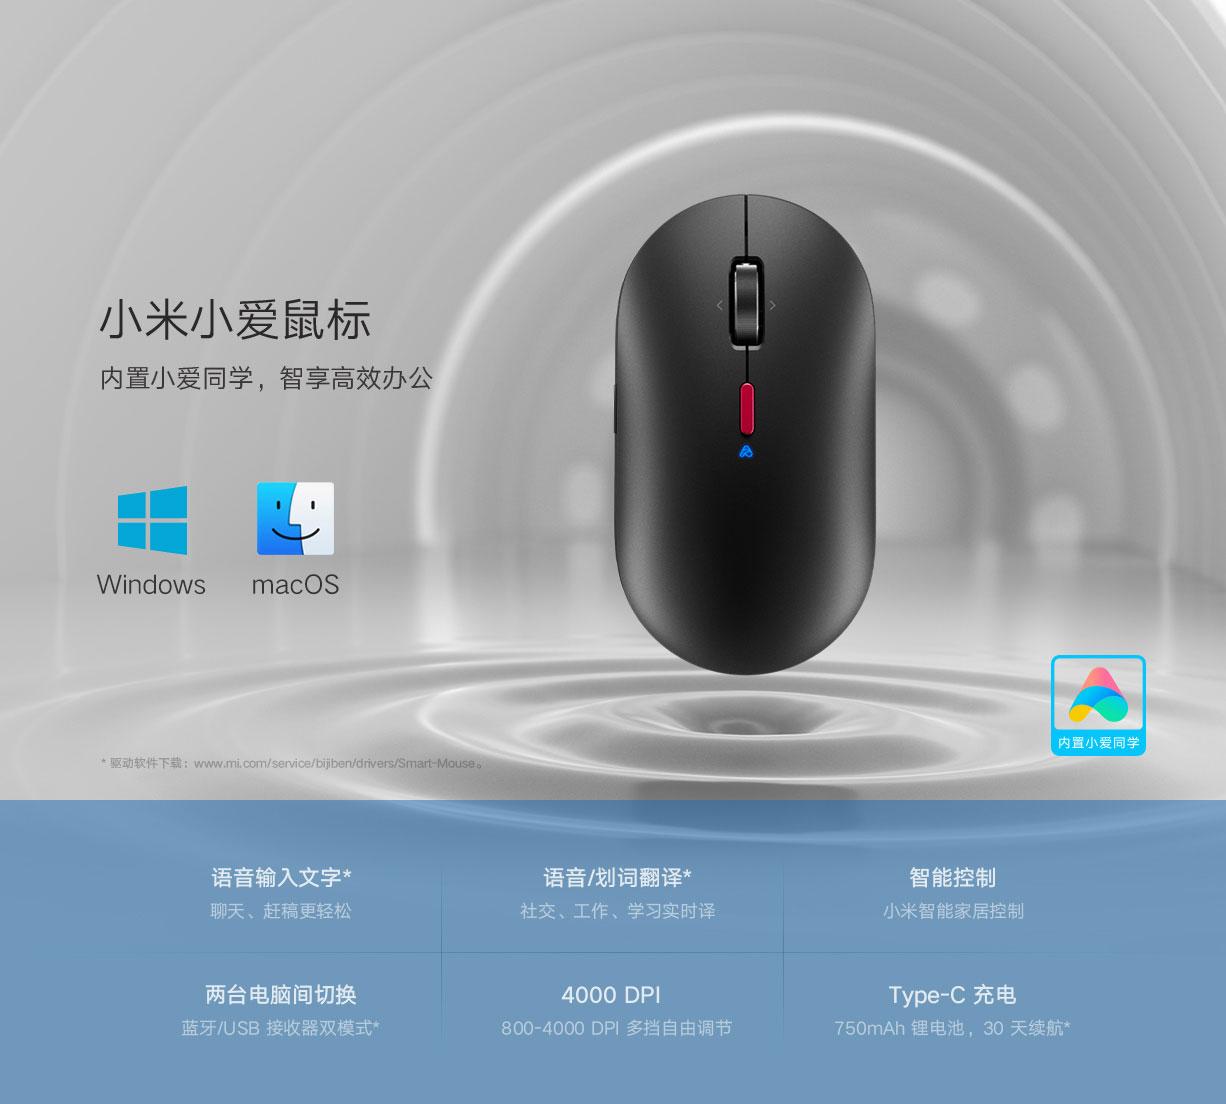 小米小爱鼠标Windows/Mac驱动下载